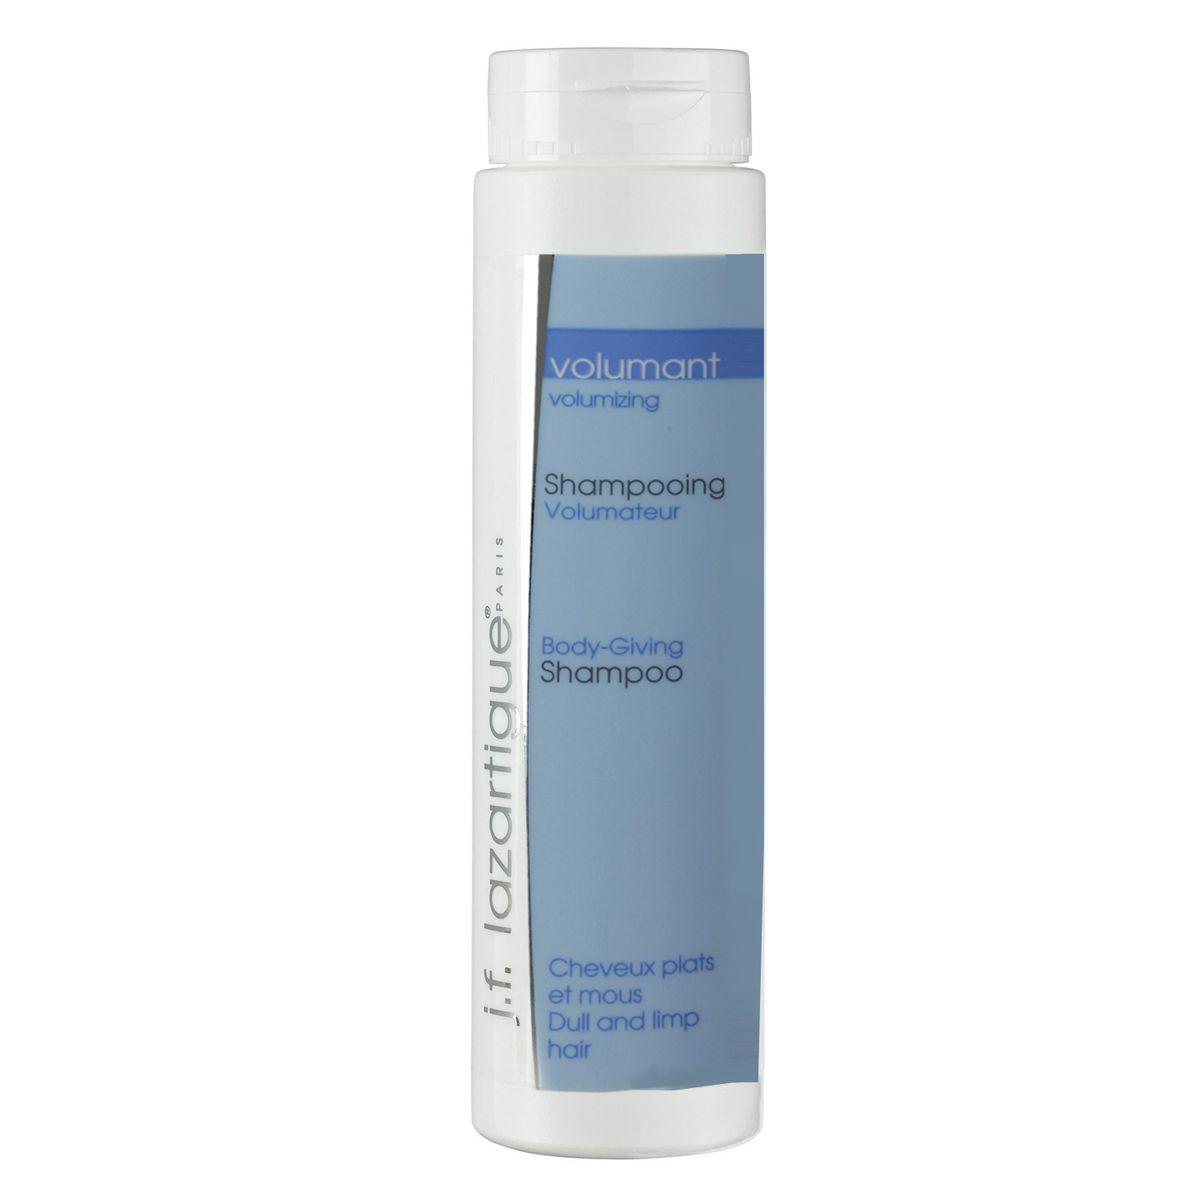 J.F.Lazartigue Шампунь для придания объема 200 мл01208Шампунь для придания объема для всех типов волос, требующих решения этой проблемы. Подходит для частого (даже ежедневного) использования. Представляет собой изумрудный гель с прекрасным цветочно-фруктовым ароматом, что делает его очень приятным в использовании. Содержит микроэлементы морских водорослей и пшеничные протеины, которые превосходно оживляют волосы. Они становятся послушными в укладке и приобретают максимально возможный объем.